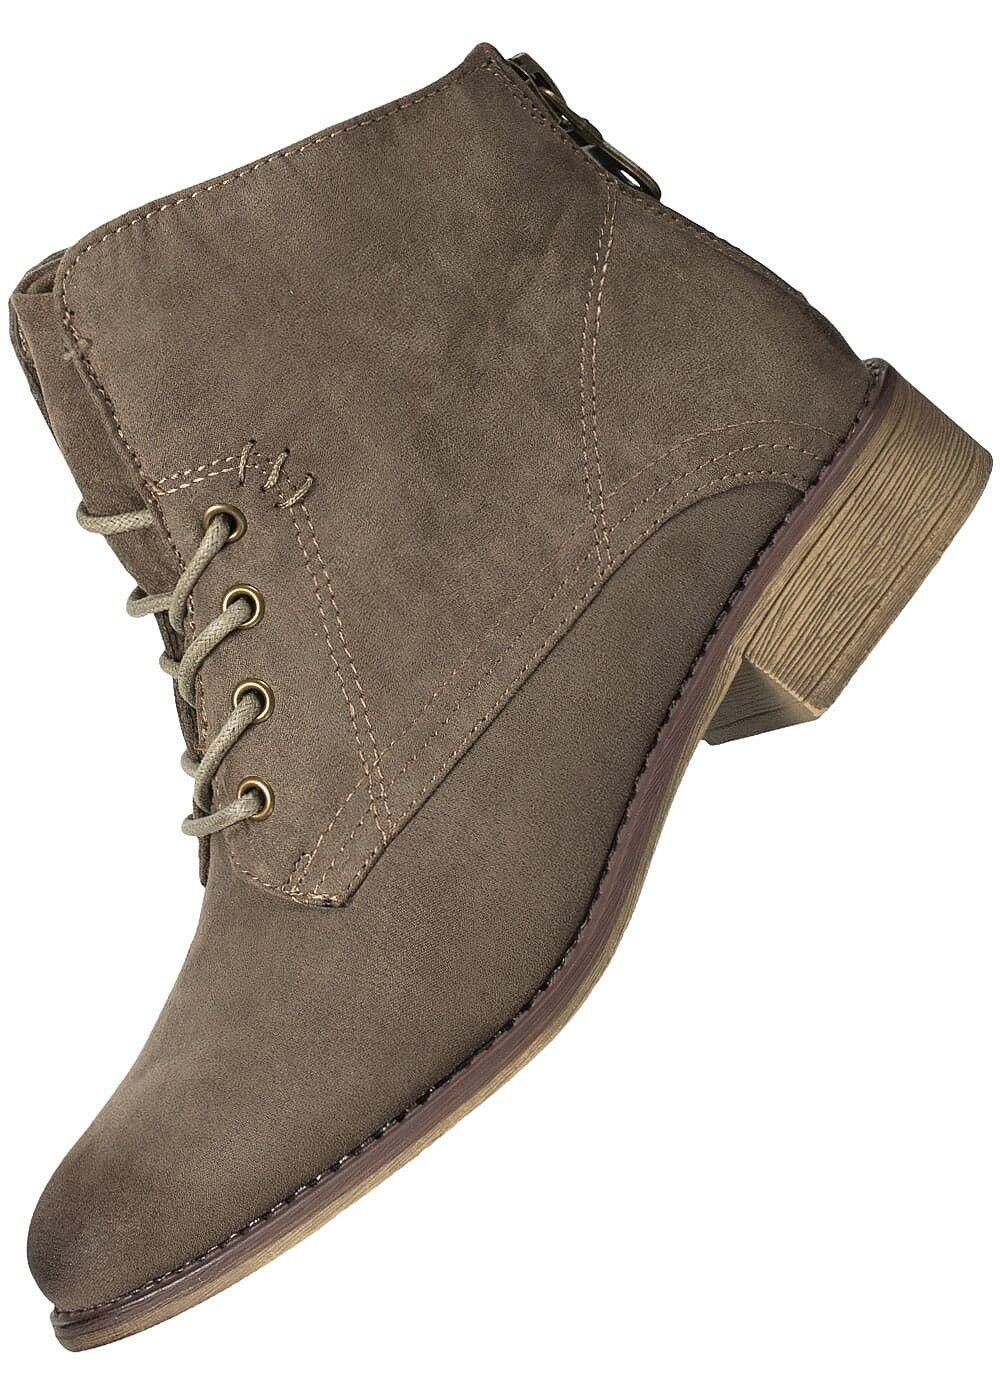 50% OFF B17084390 Damen Hailys Boots Schnüren Wildlederoptik Zipper hinten taupe